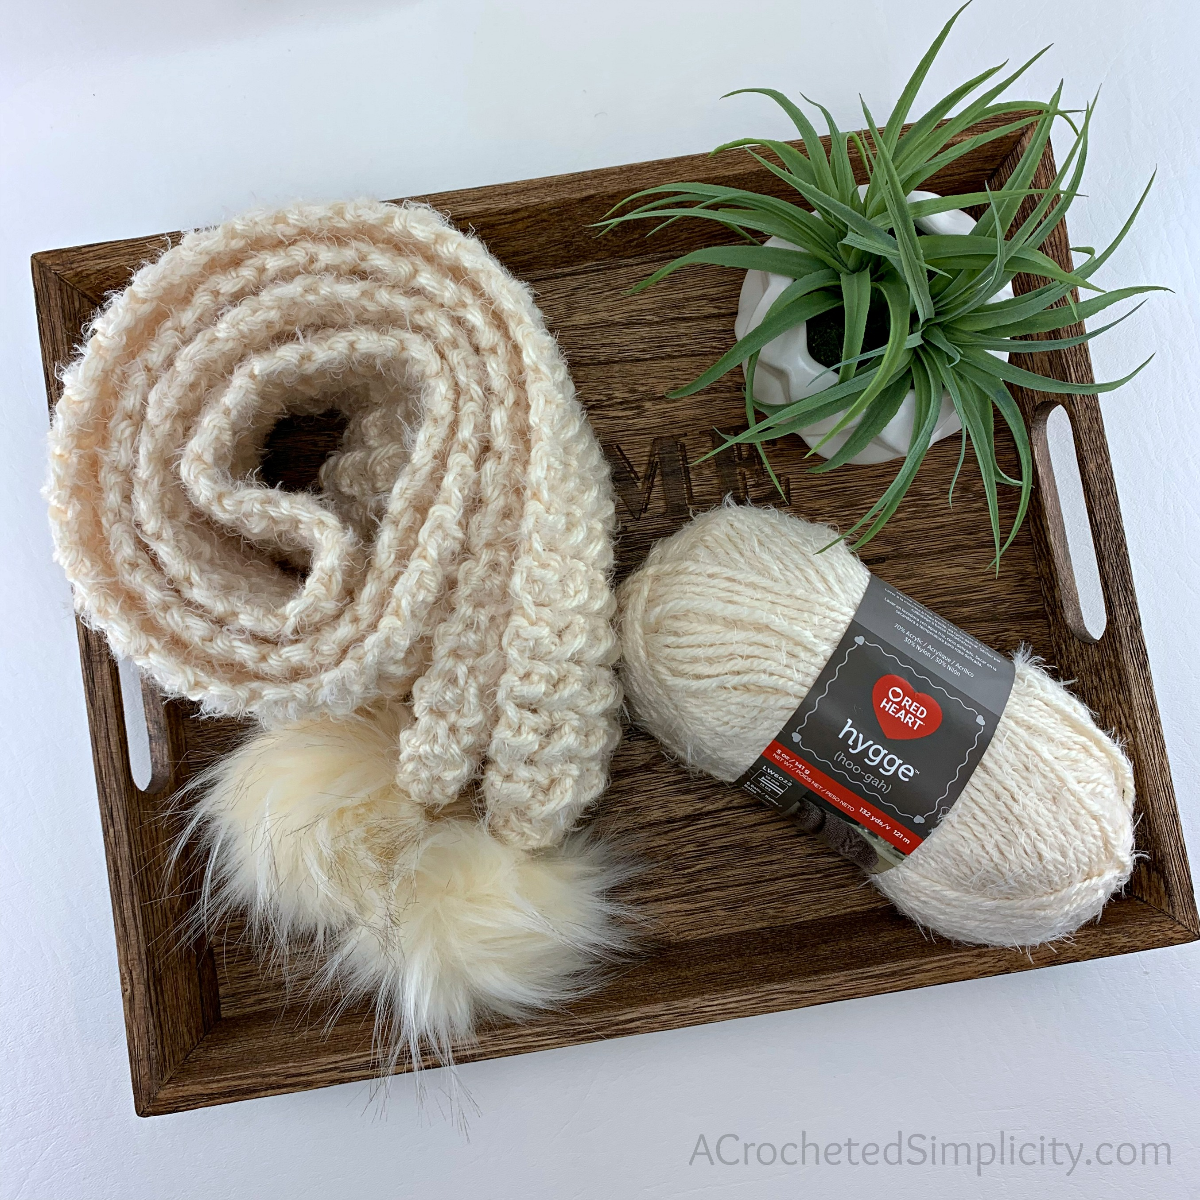 Free Crochet Pattern - Winter's Edge Scarf by A Crocheted Simplicity #freecrochetpattern #crochetscarfpattern #freecrochetscarfpattern #texturedcrochet #crochetpattern #scarfpattern #texturedstitchpattern #easycrochetpattern